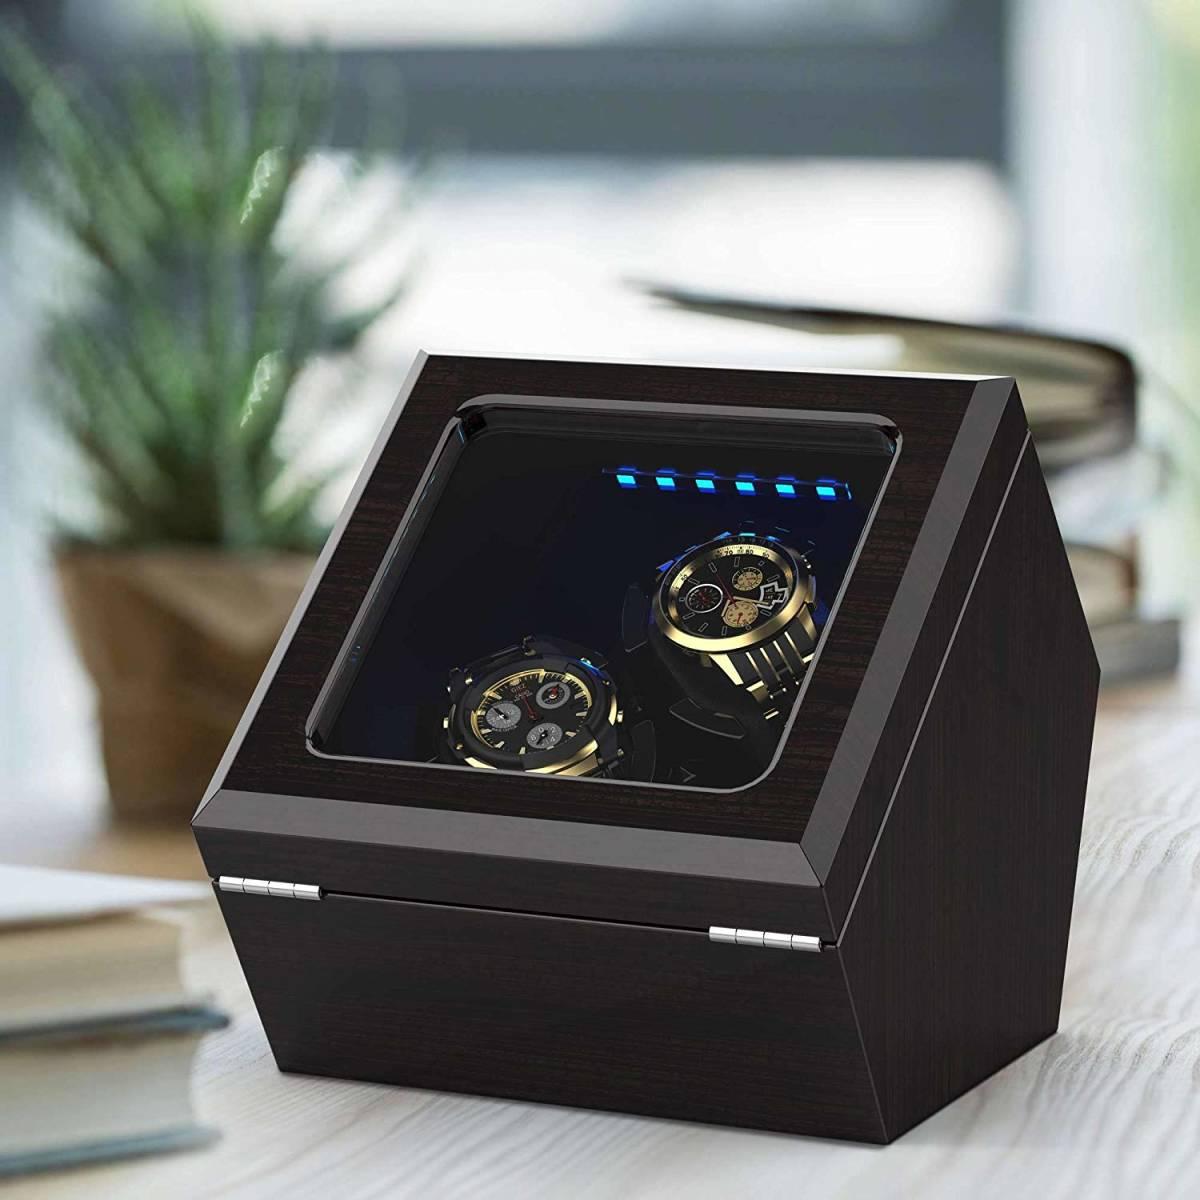 【新品・未使用】ワインディングマシーン 腕時計 自動巻き器 ウォッチワインダー2本巻き上げ LEDライト付 日本語説明書_画像4